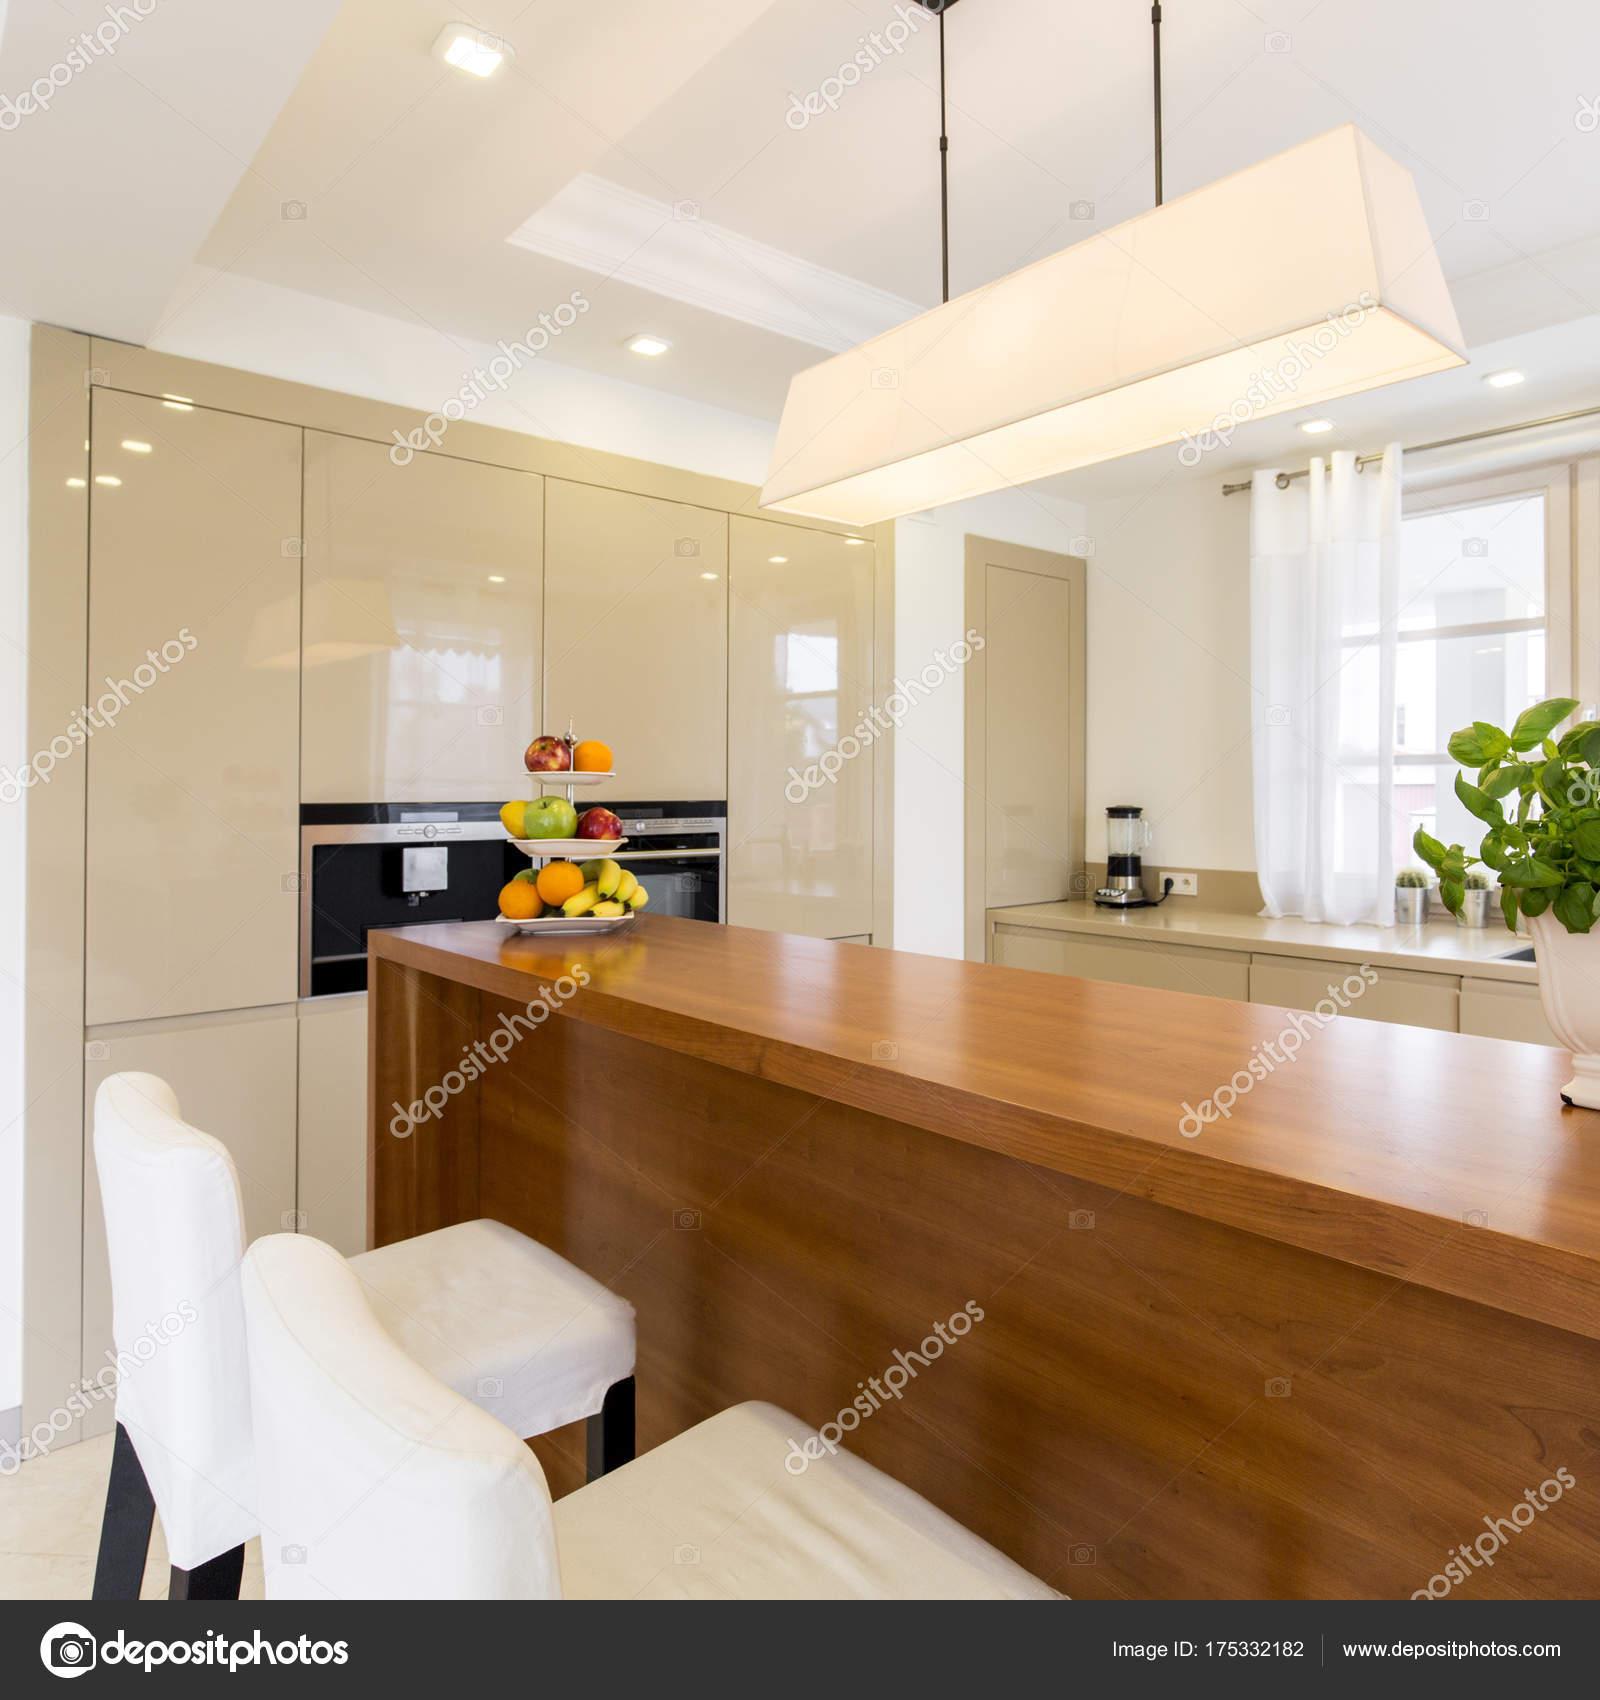 Funzionale angolo cottura con mobili in legno — Foto Stock ...